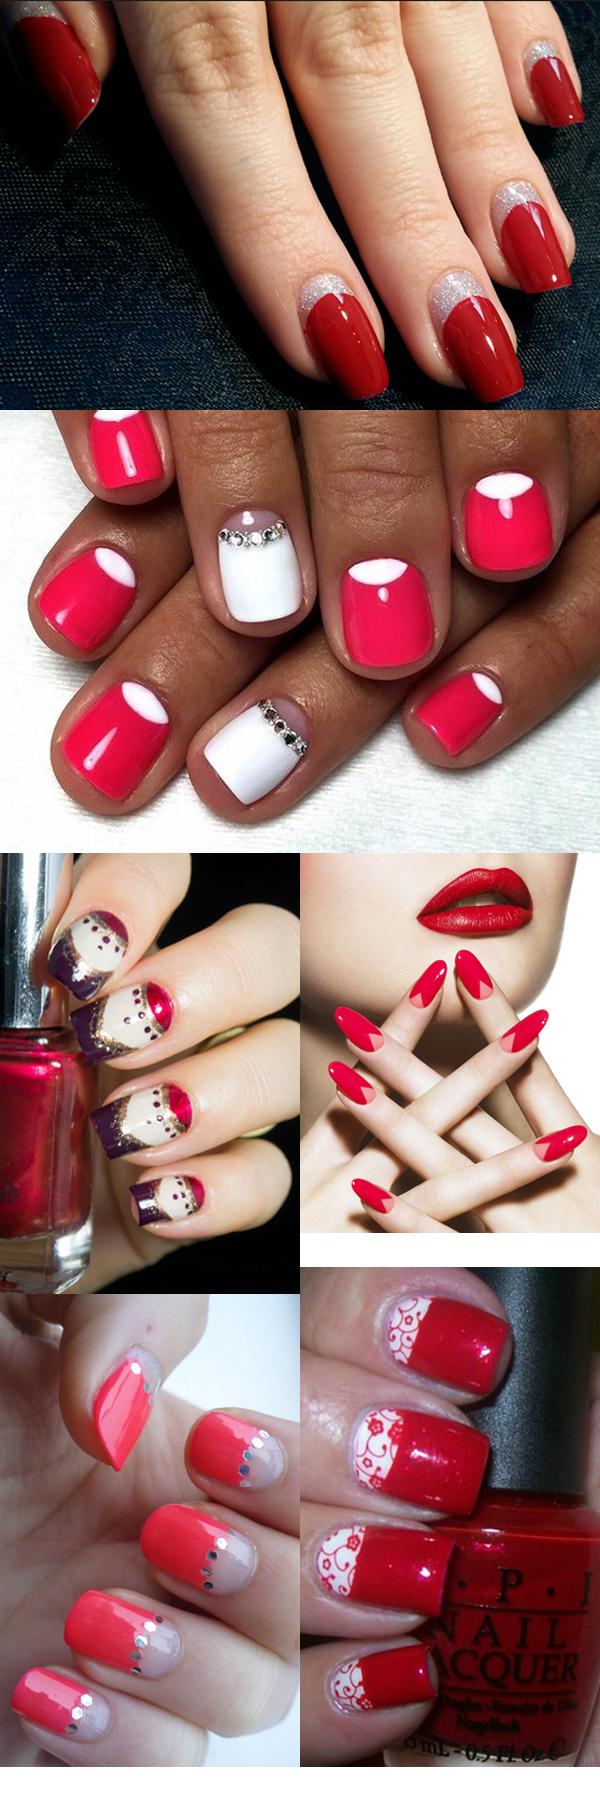 Дизайн ногтей на красном фоне фото